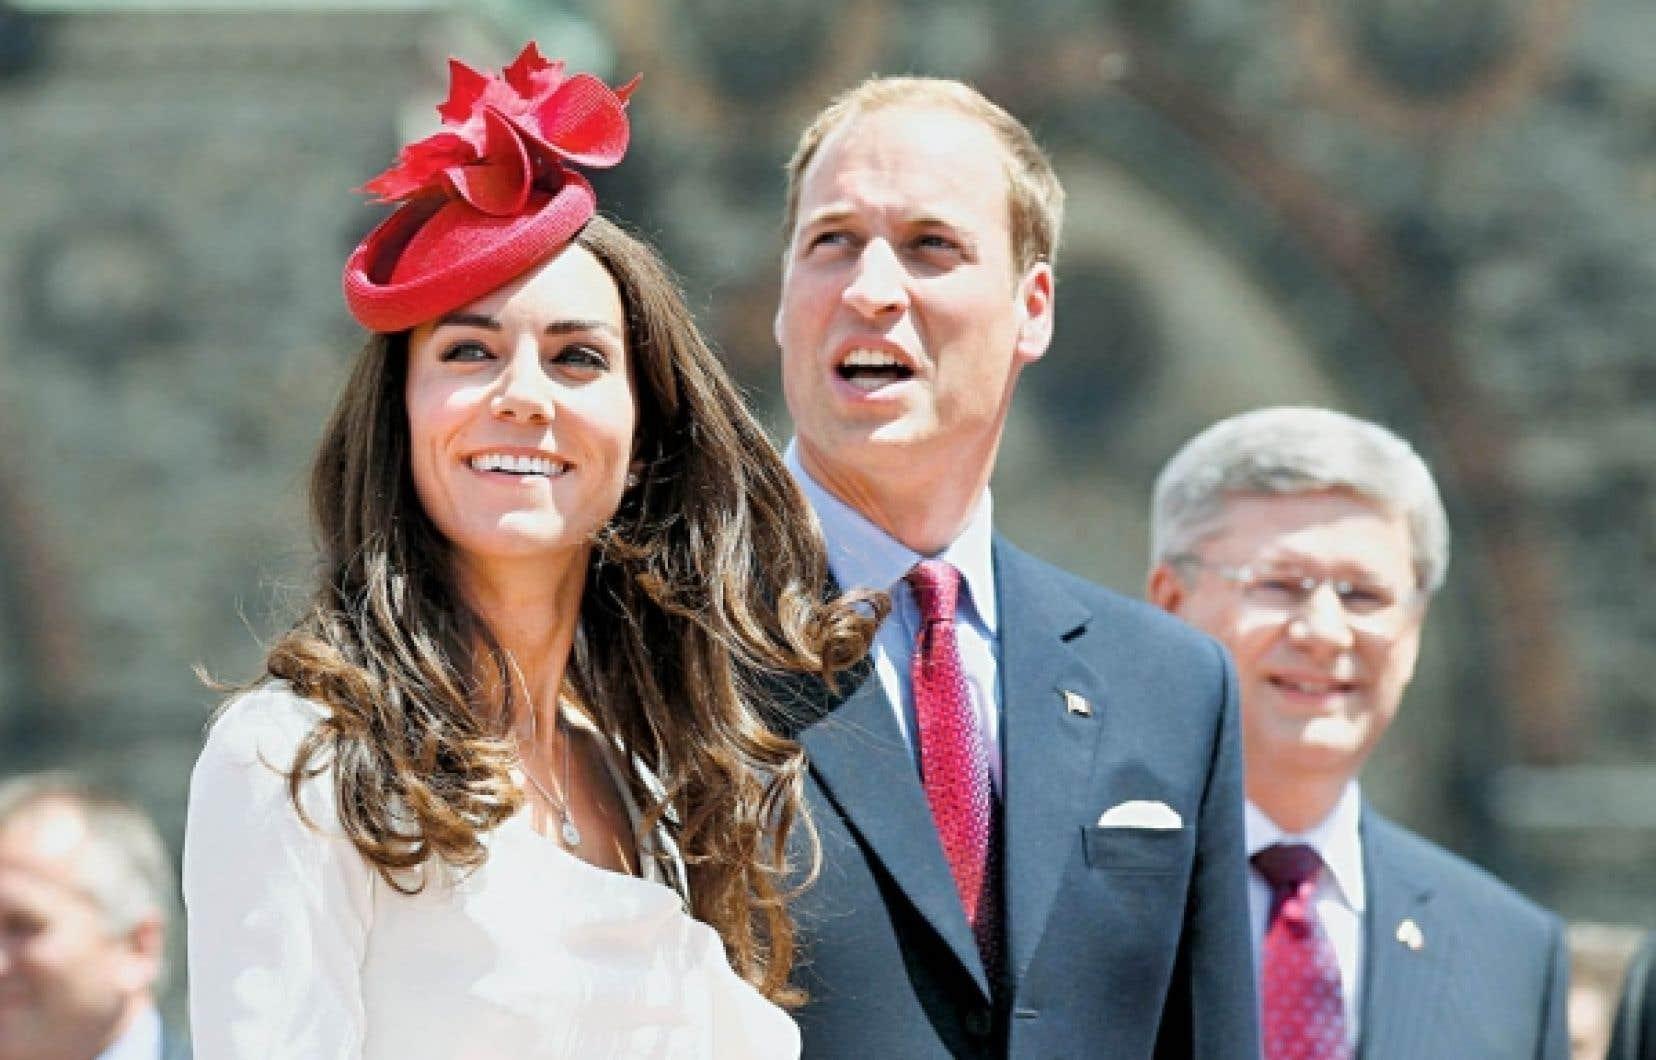 Pour l'occasion, la duchesse de Cambridge portait un chapeau rouge décoré de feuilles d'érable.